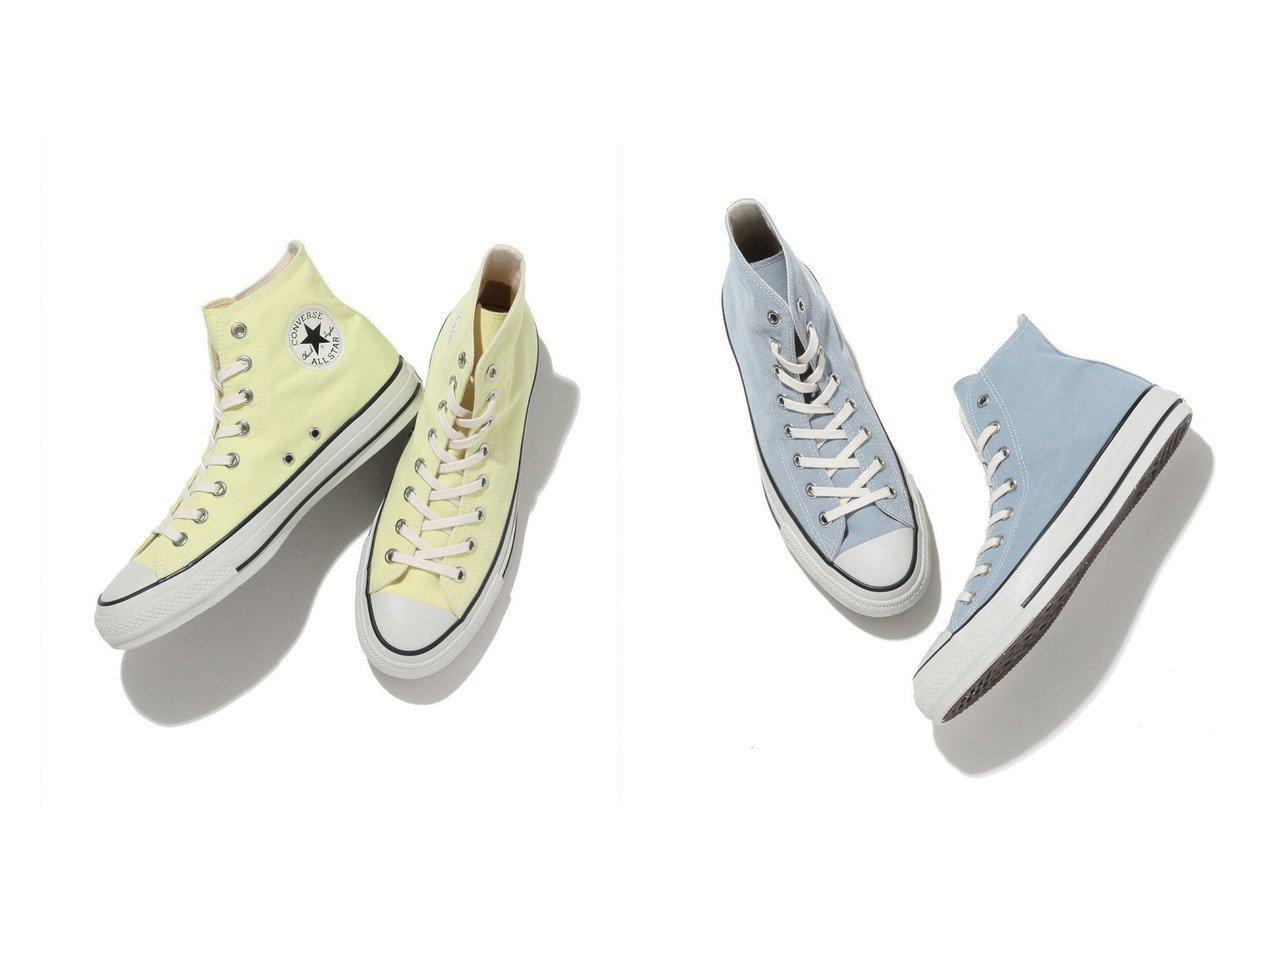 【Juze/ジュゼ】の【CONVERSE】ALL STAR PET CANVAS HI シューズ・靴のおすすめ!人気、トレンド・レディースファッションの通販  おすすめで人気の流行・トレンド、ファッションの通販商品 メンズファッション・キッズファッション・インテリア・家具・レディースファッション・服の通販 founy(ファニー) https://founy.com/ ファッション Fashion レディースファッション WOMEN シューズ スニーカー スリッポン 定番 Standard  ID:crp329100000015624